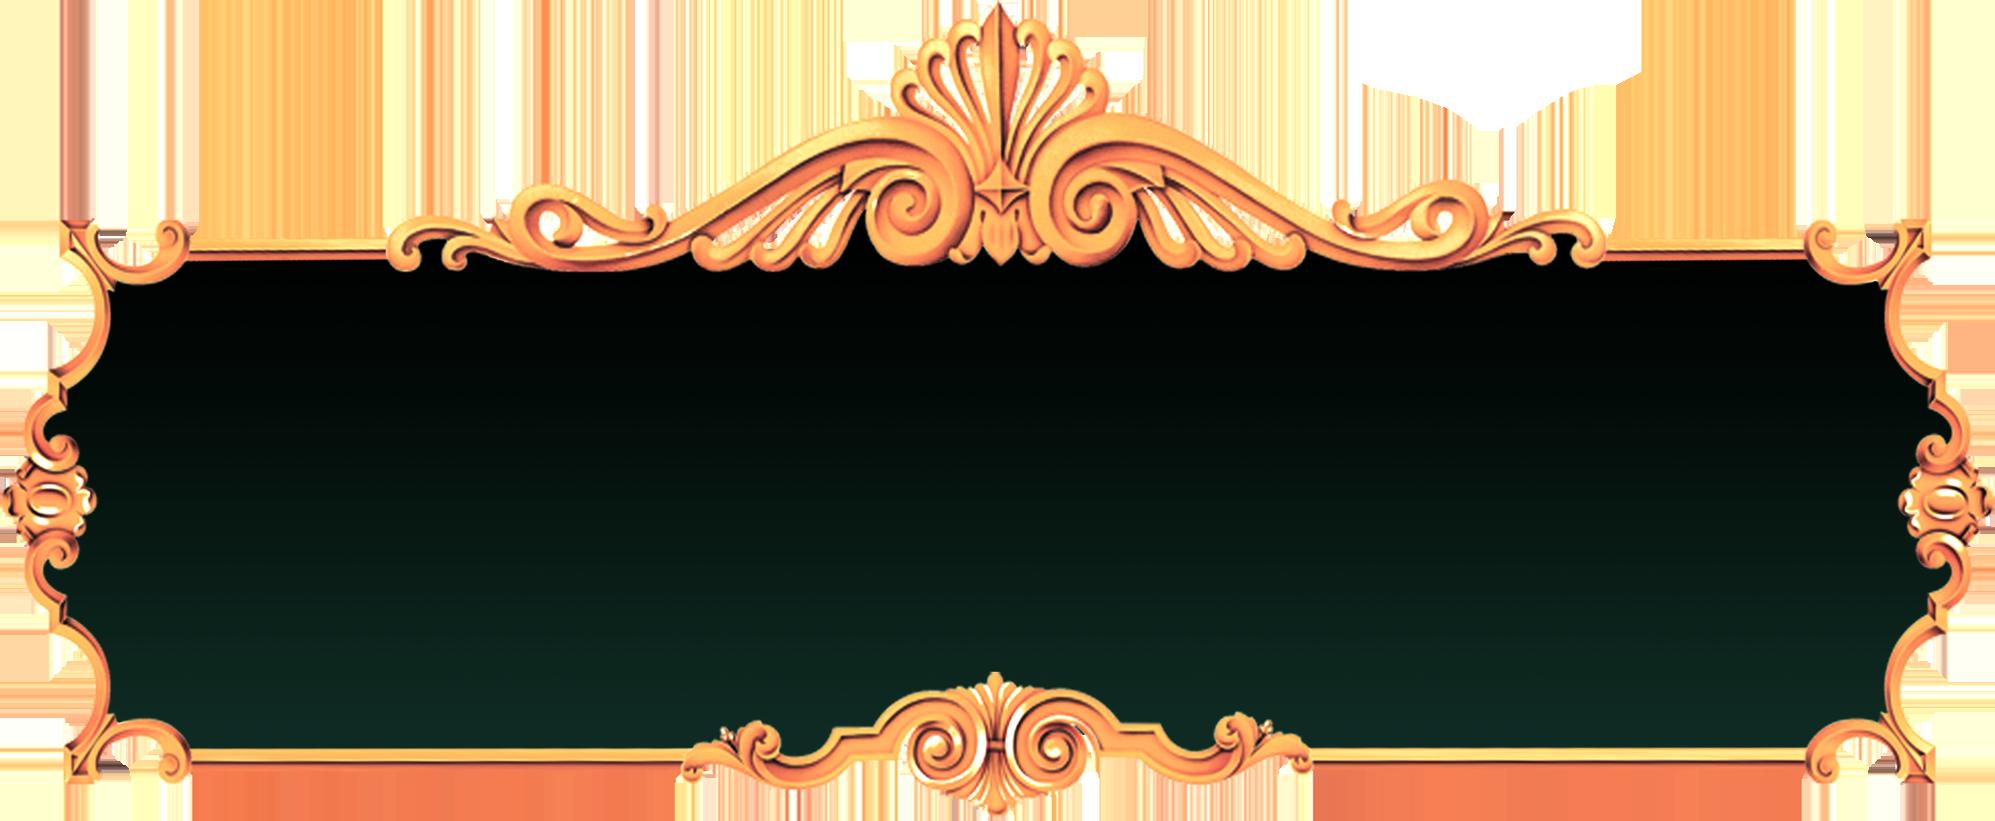 Image result for background frame design FOR TITLE Royal